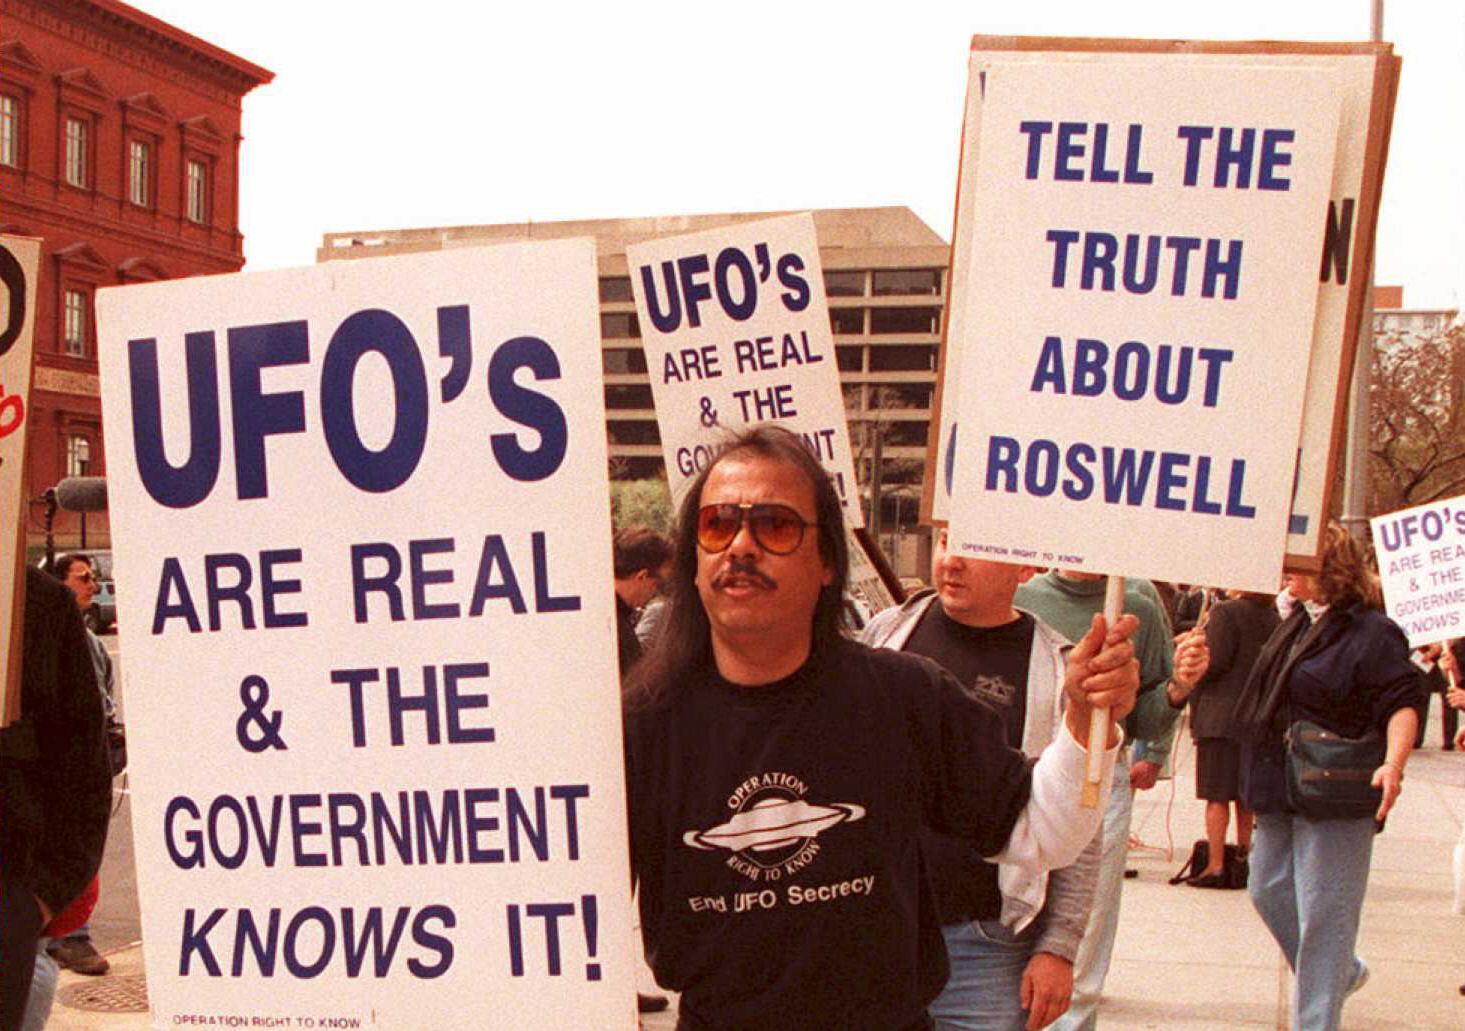 羅斯威爾飛碟墜毀事件(Roswell UFO incident)是指1947年在美國新墨西哥州羅斯威爾市發生的UFO墜毀事件。美國軍方稱其為氣象氣球的殘骸,但民間則認為墜落物實為外星飛船,人們不滿意整個事件被軍方掩蓋。(JOSHUA ROBERTS/AFP via Getty Images)